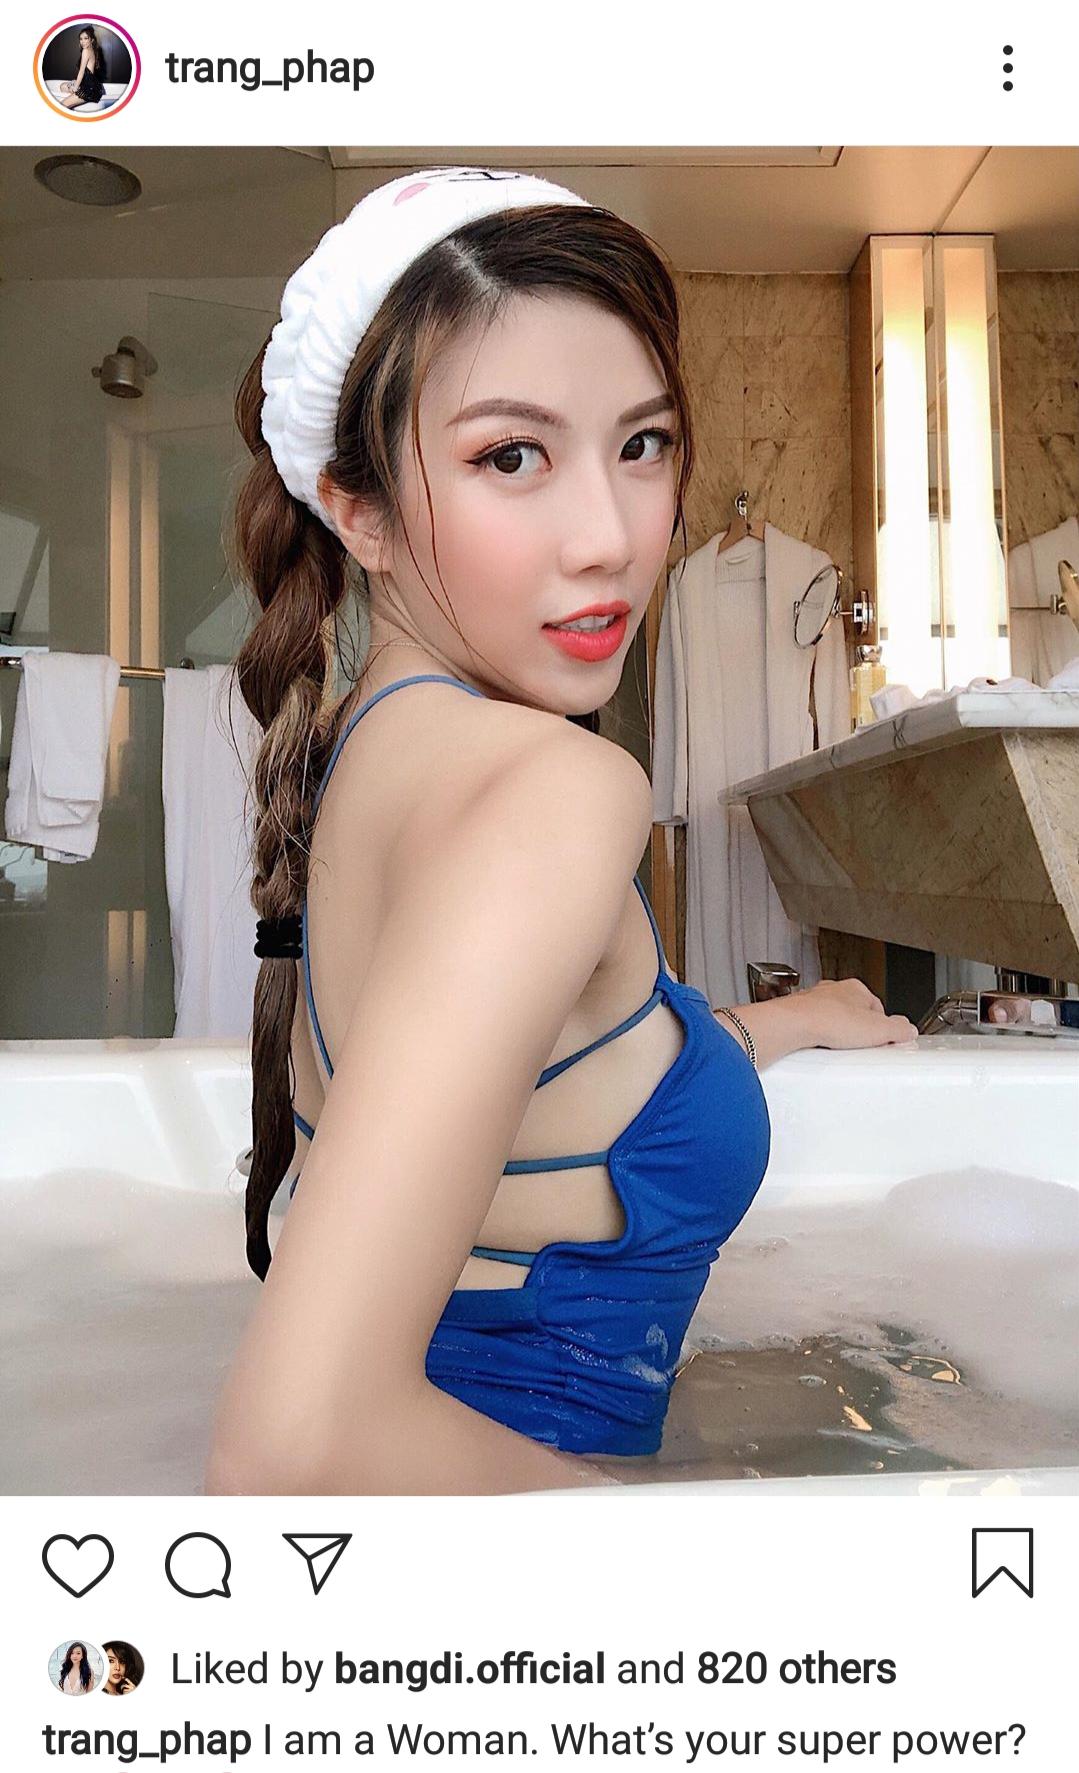 Bên cạnh đó, Trang Pháp cũng tự tin khoe hình ảnh trẻ trung, sexy trong bồn tắm ngay sau khi đám cưới của tình cũ Dương Khắc Linh diễn ra.